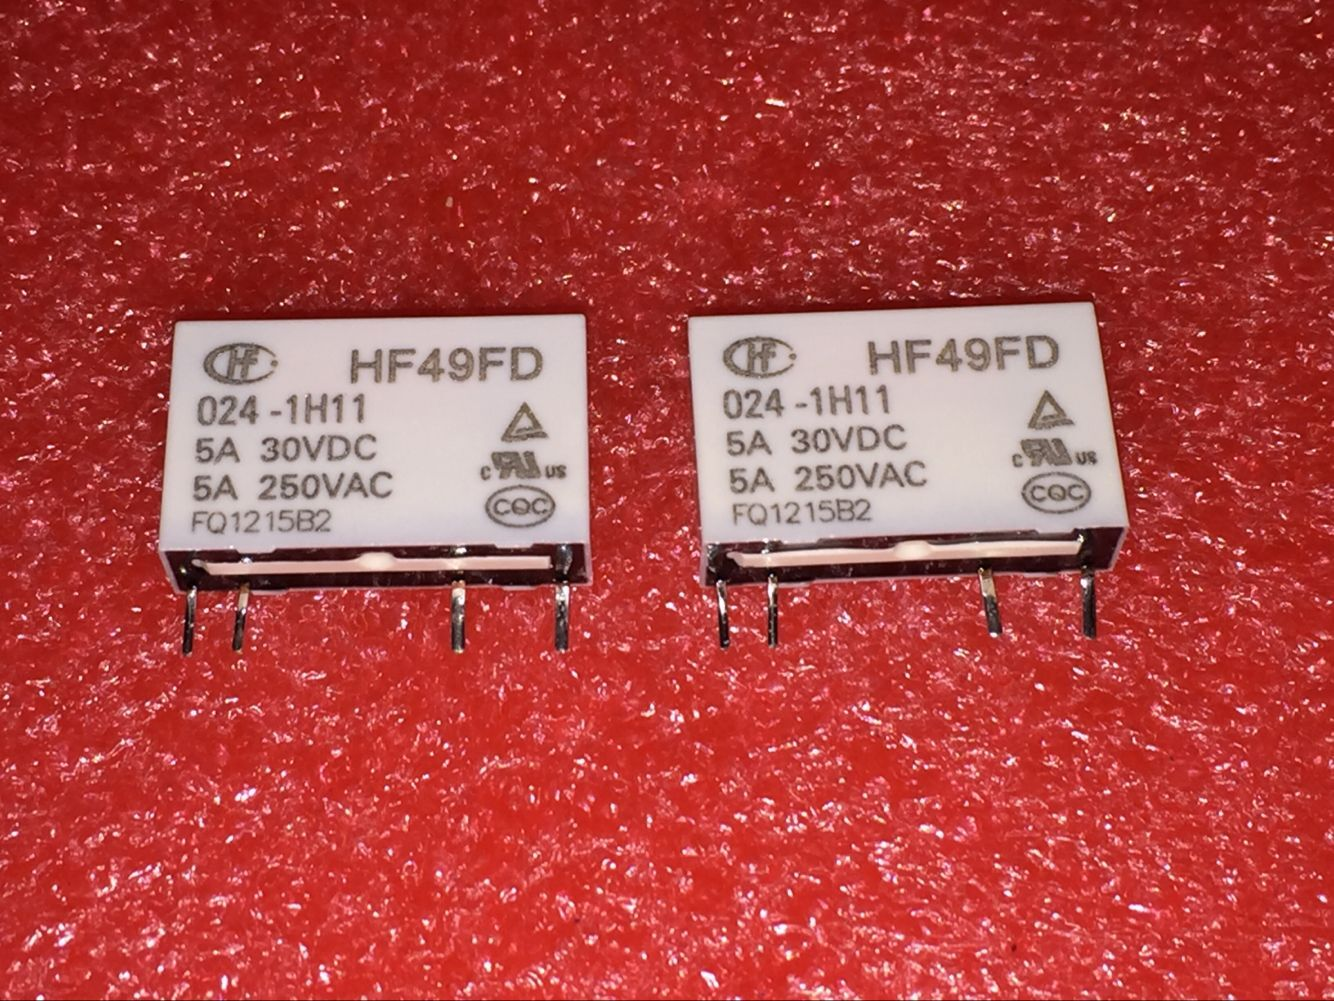 hf49fd 005 1h11 hf49fd 012 1h11 hf49fd 024 1h11 substituir jzc 49f hf49f 1h1 5a250v 4pin rele pa1a 02